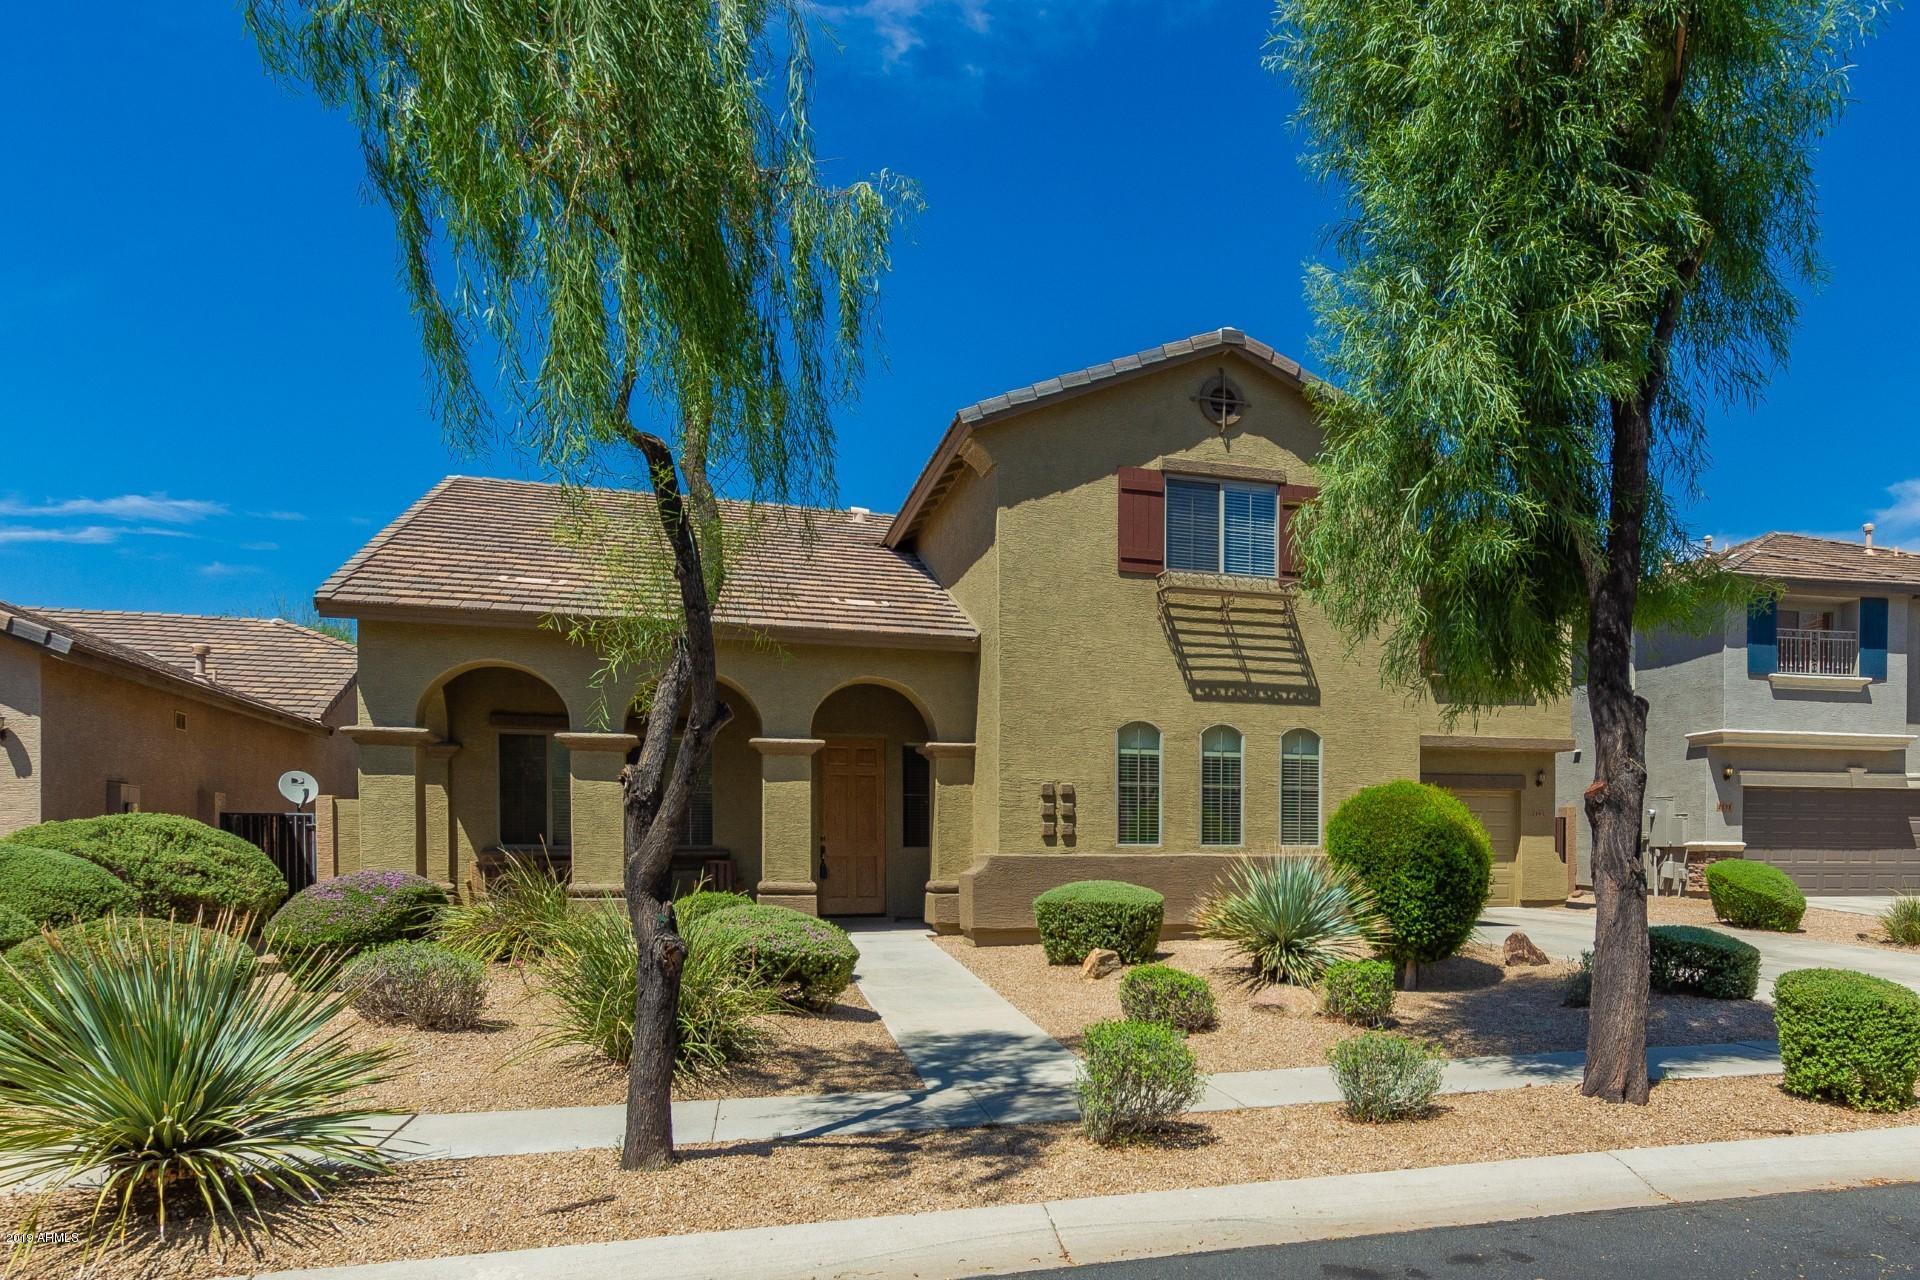 MLS 5963240 2342 W ALOE VERA Drive, Phoenix, AZ 85085 Phoenix AZ Sonoran Foothills